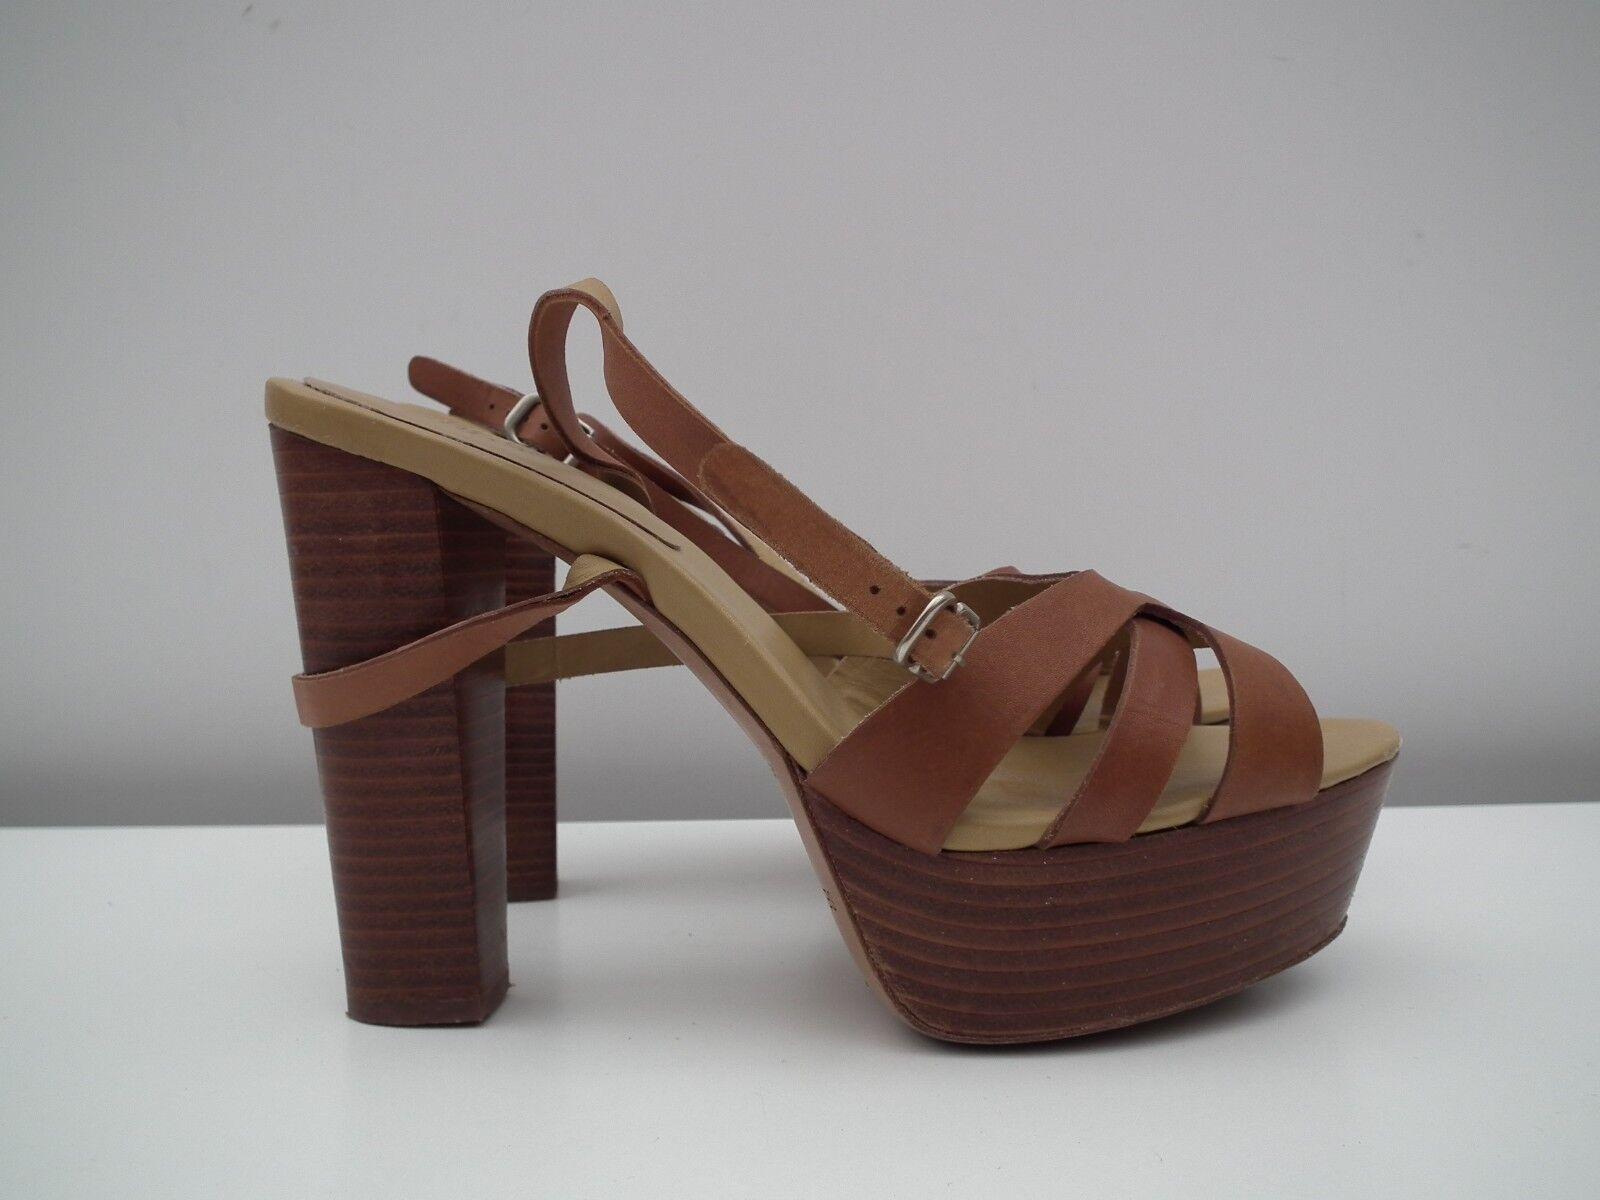 SEE BY CHLOE  Gorgeous platform sandals   heels  Dimensione 38 - US 8